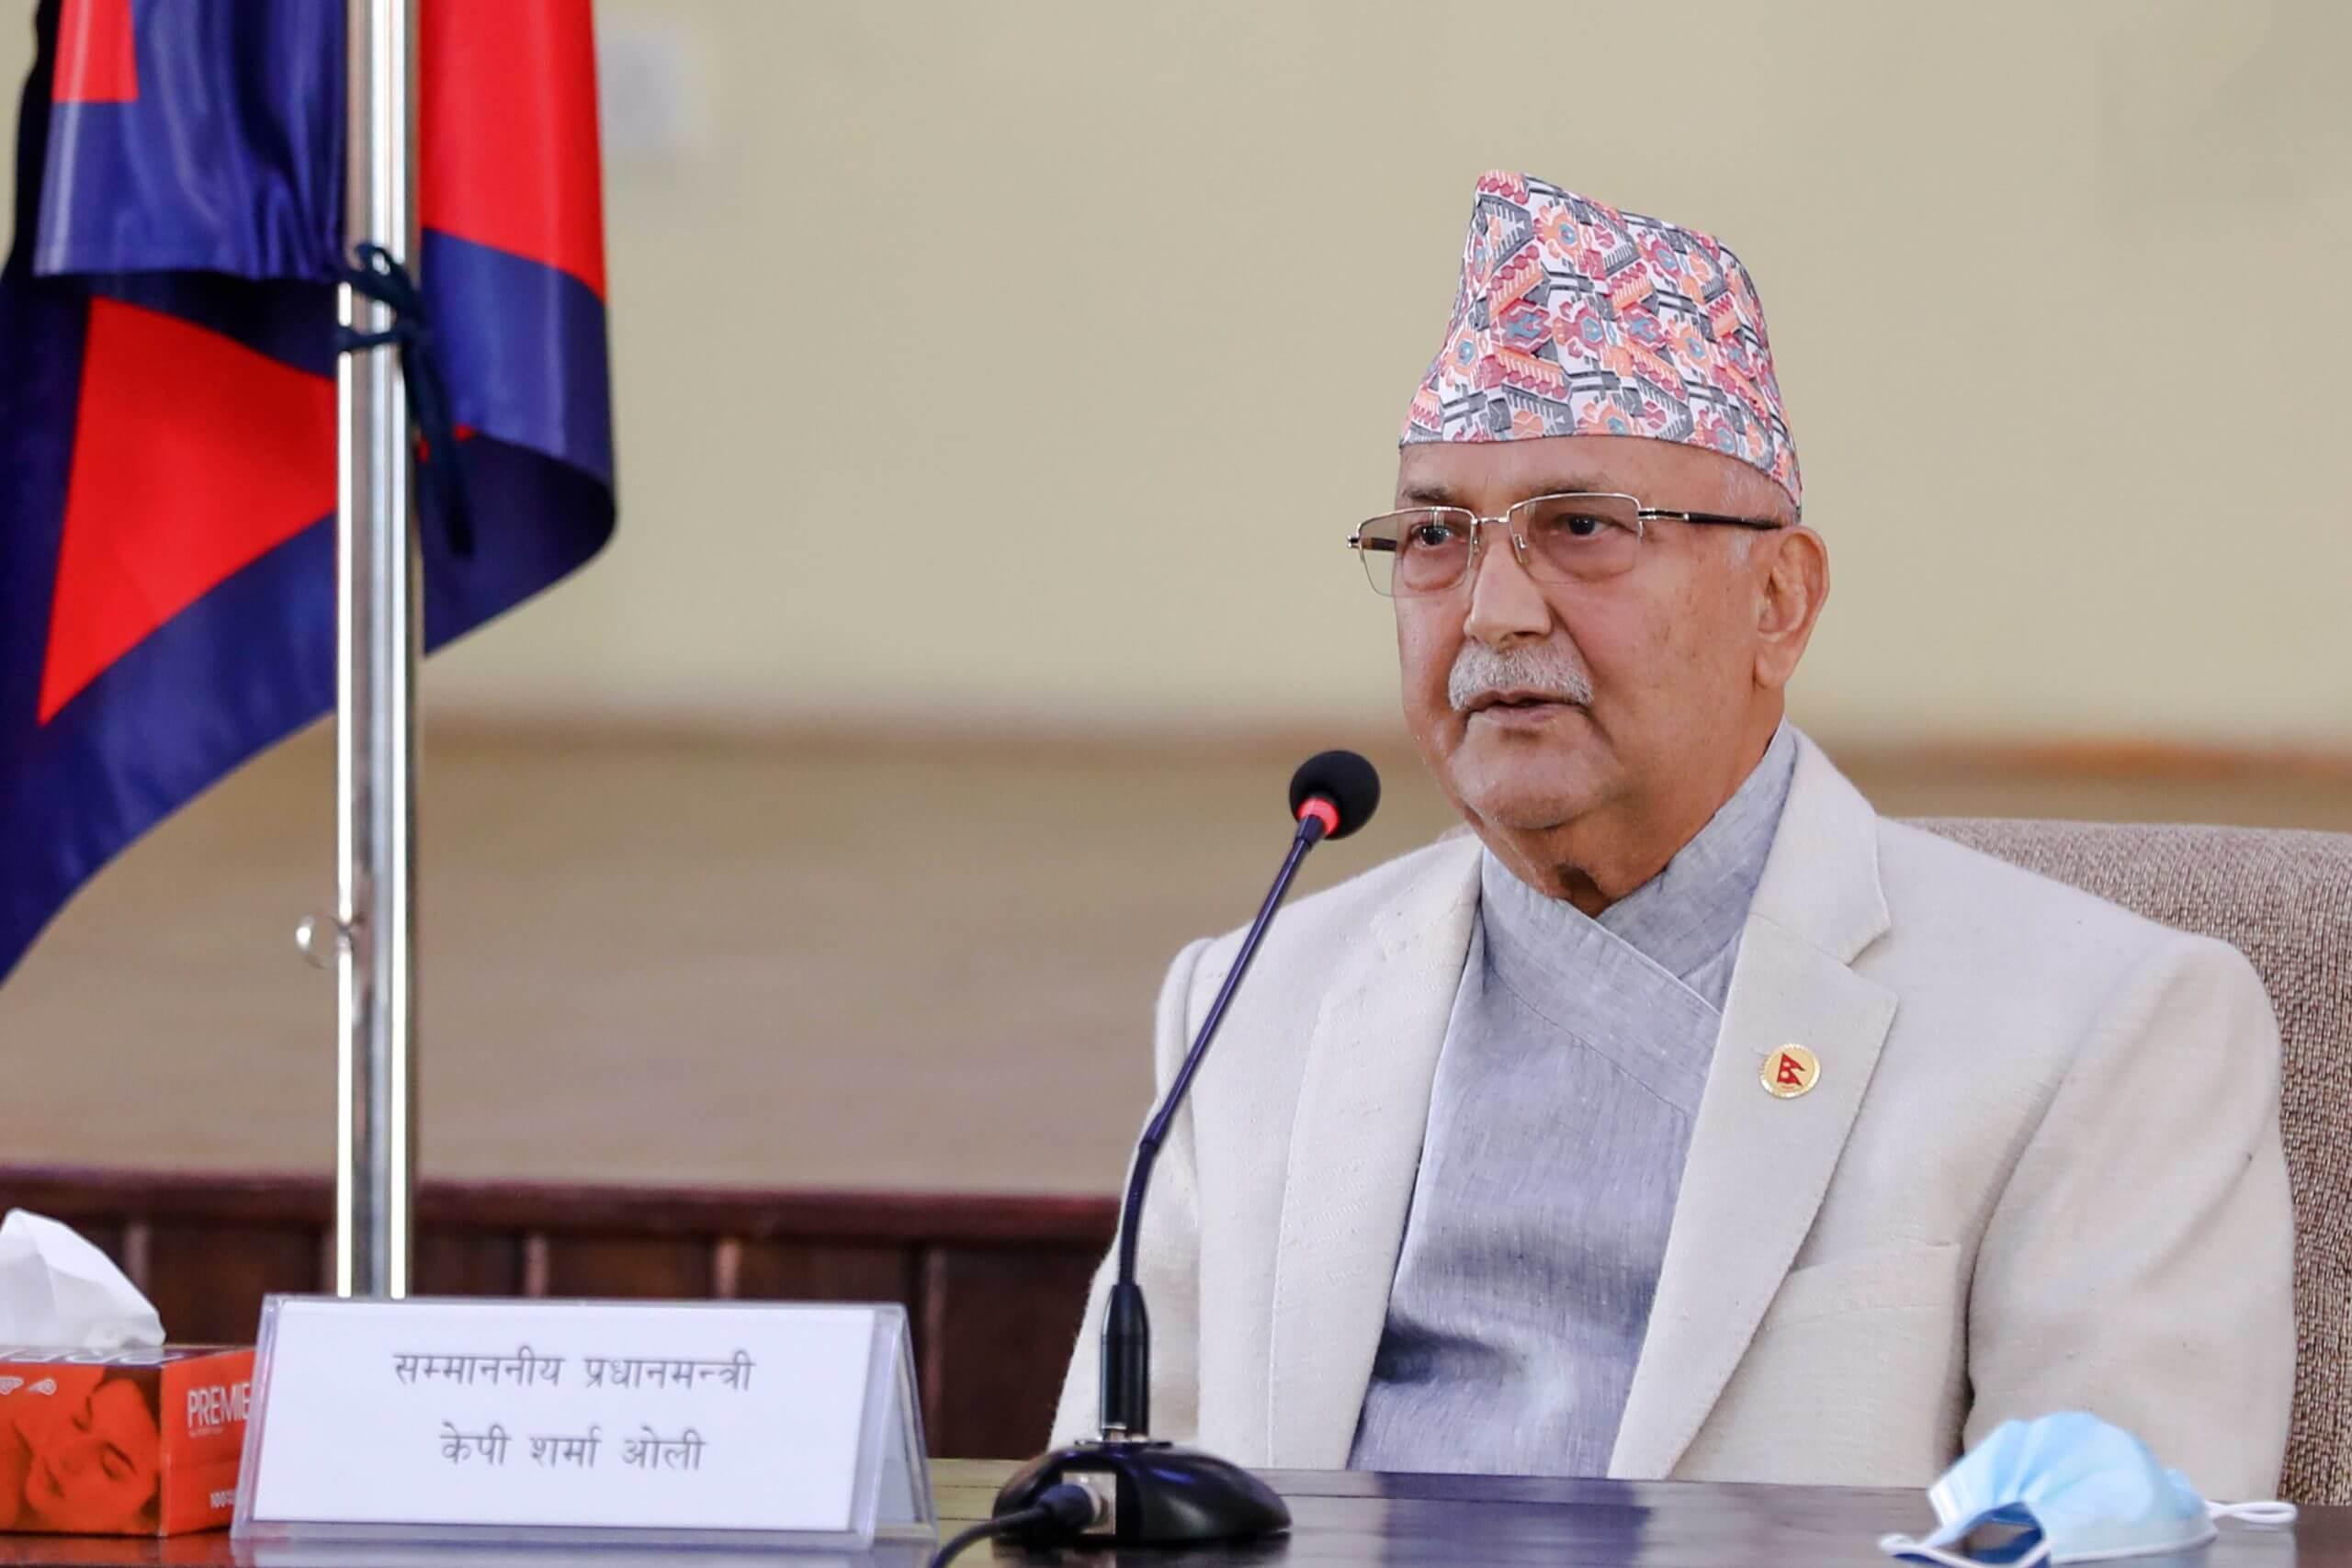 माधव नेपाल समूहलाई कडा कारबाही हुन्छ : अध्यक्ष ओली